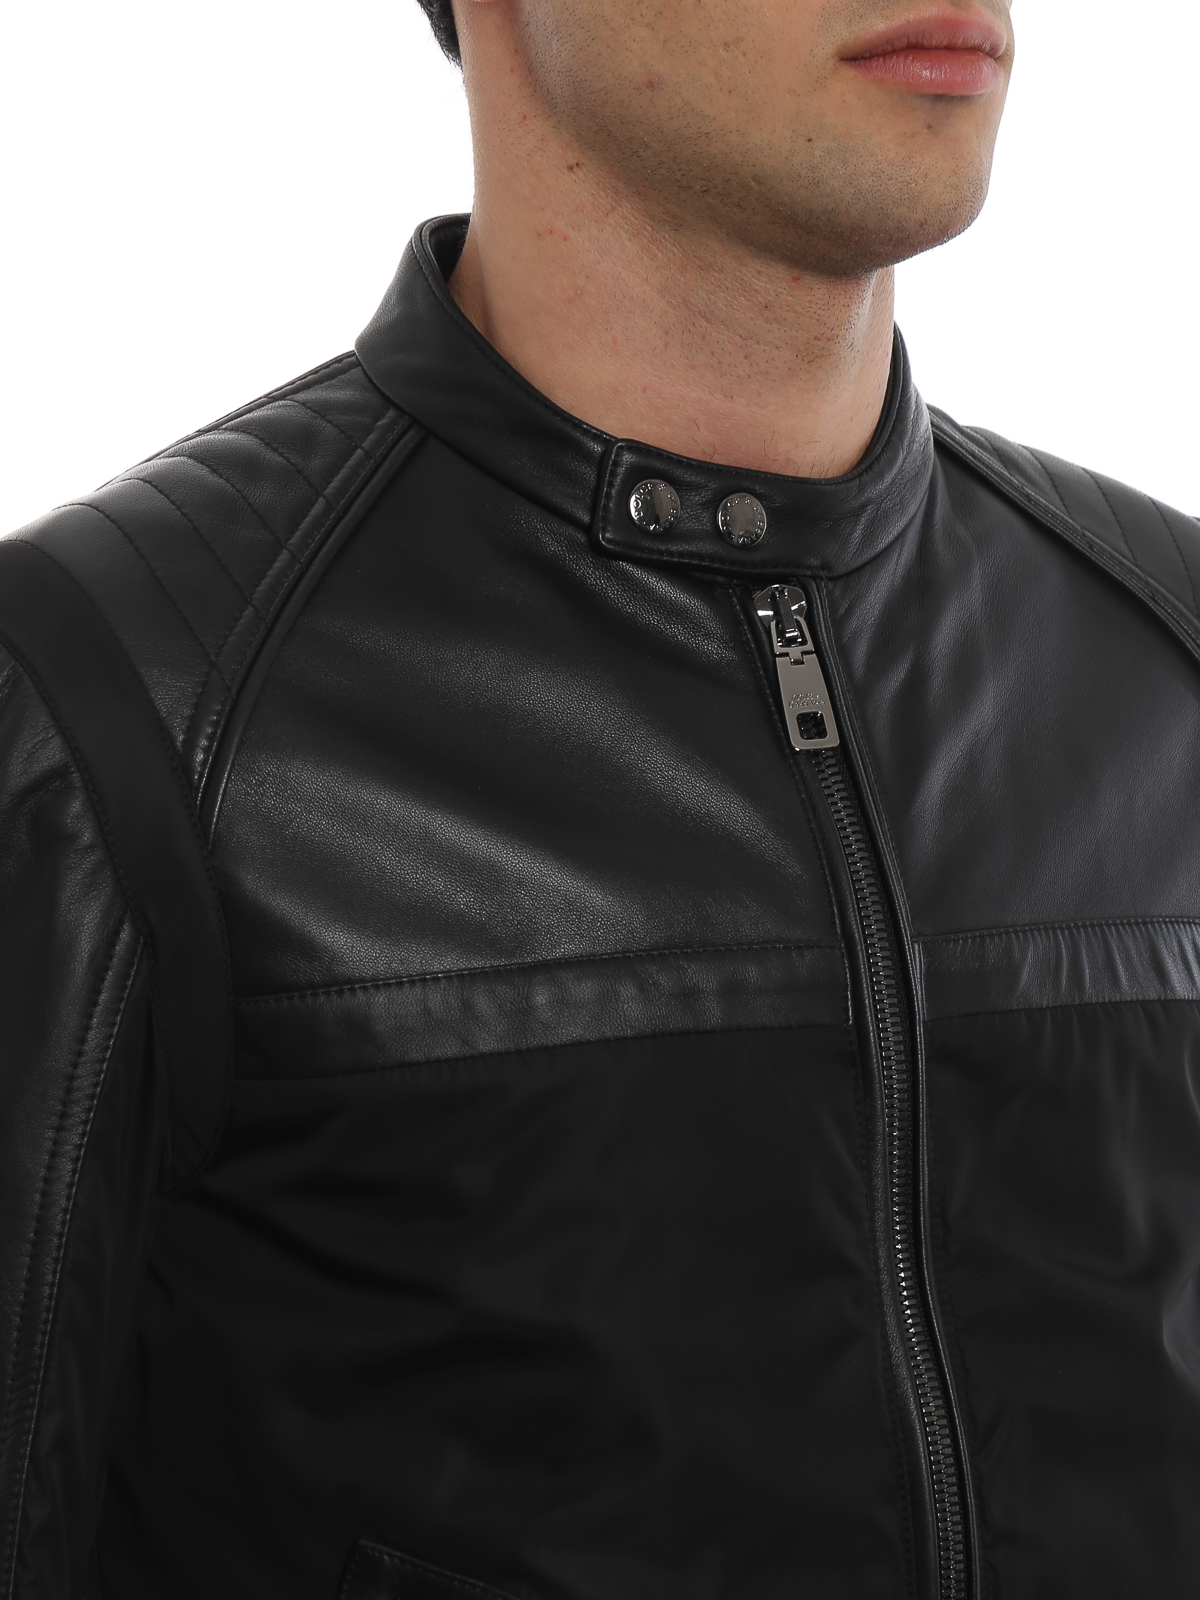 online retailer 27cf8 e0858 Dolce & Gabbana - Giubbotto in nylon e pelle - giacche in ...